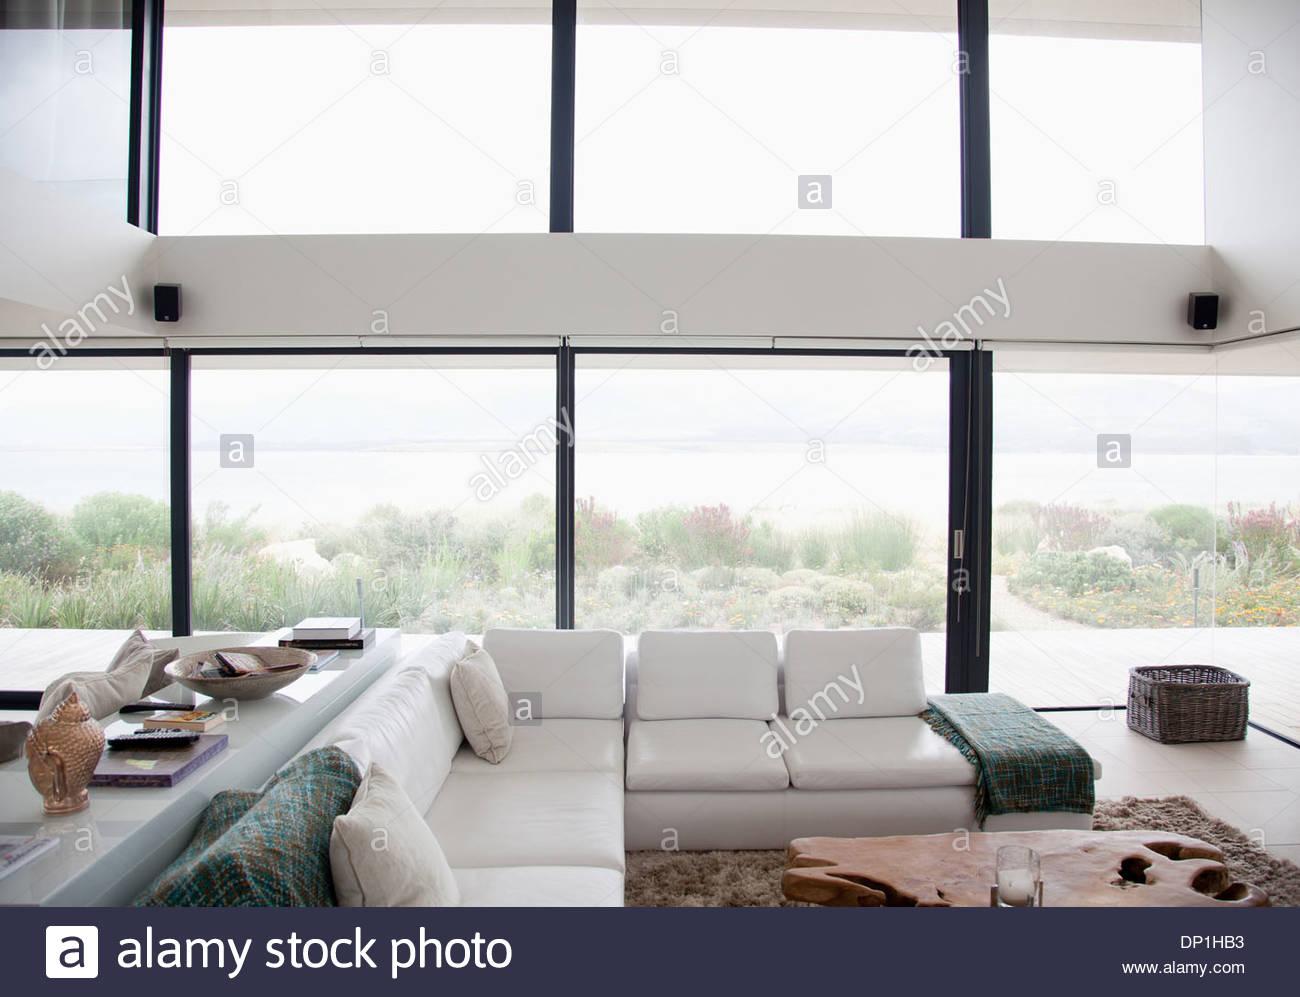 Un alto ángulo de visualización de sofá en la sala de estar moderna Imagen De Stock